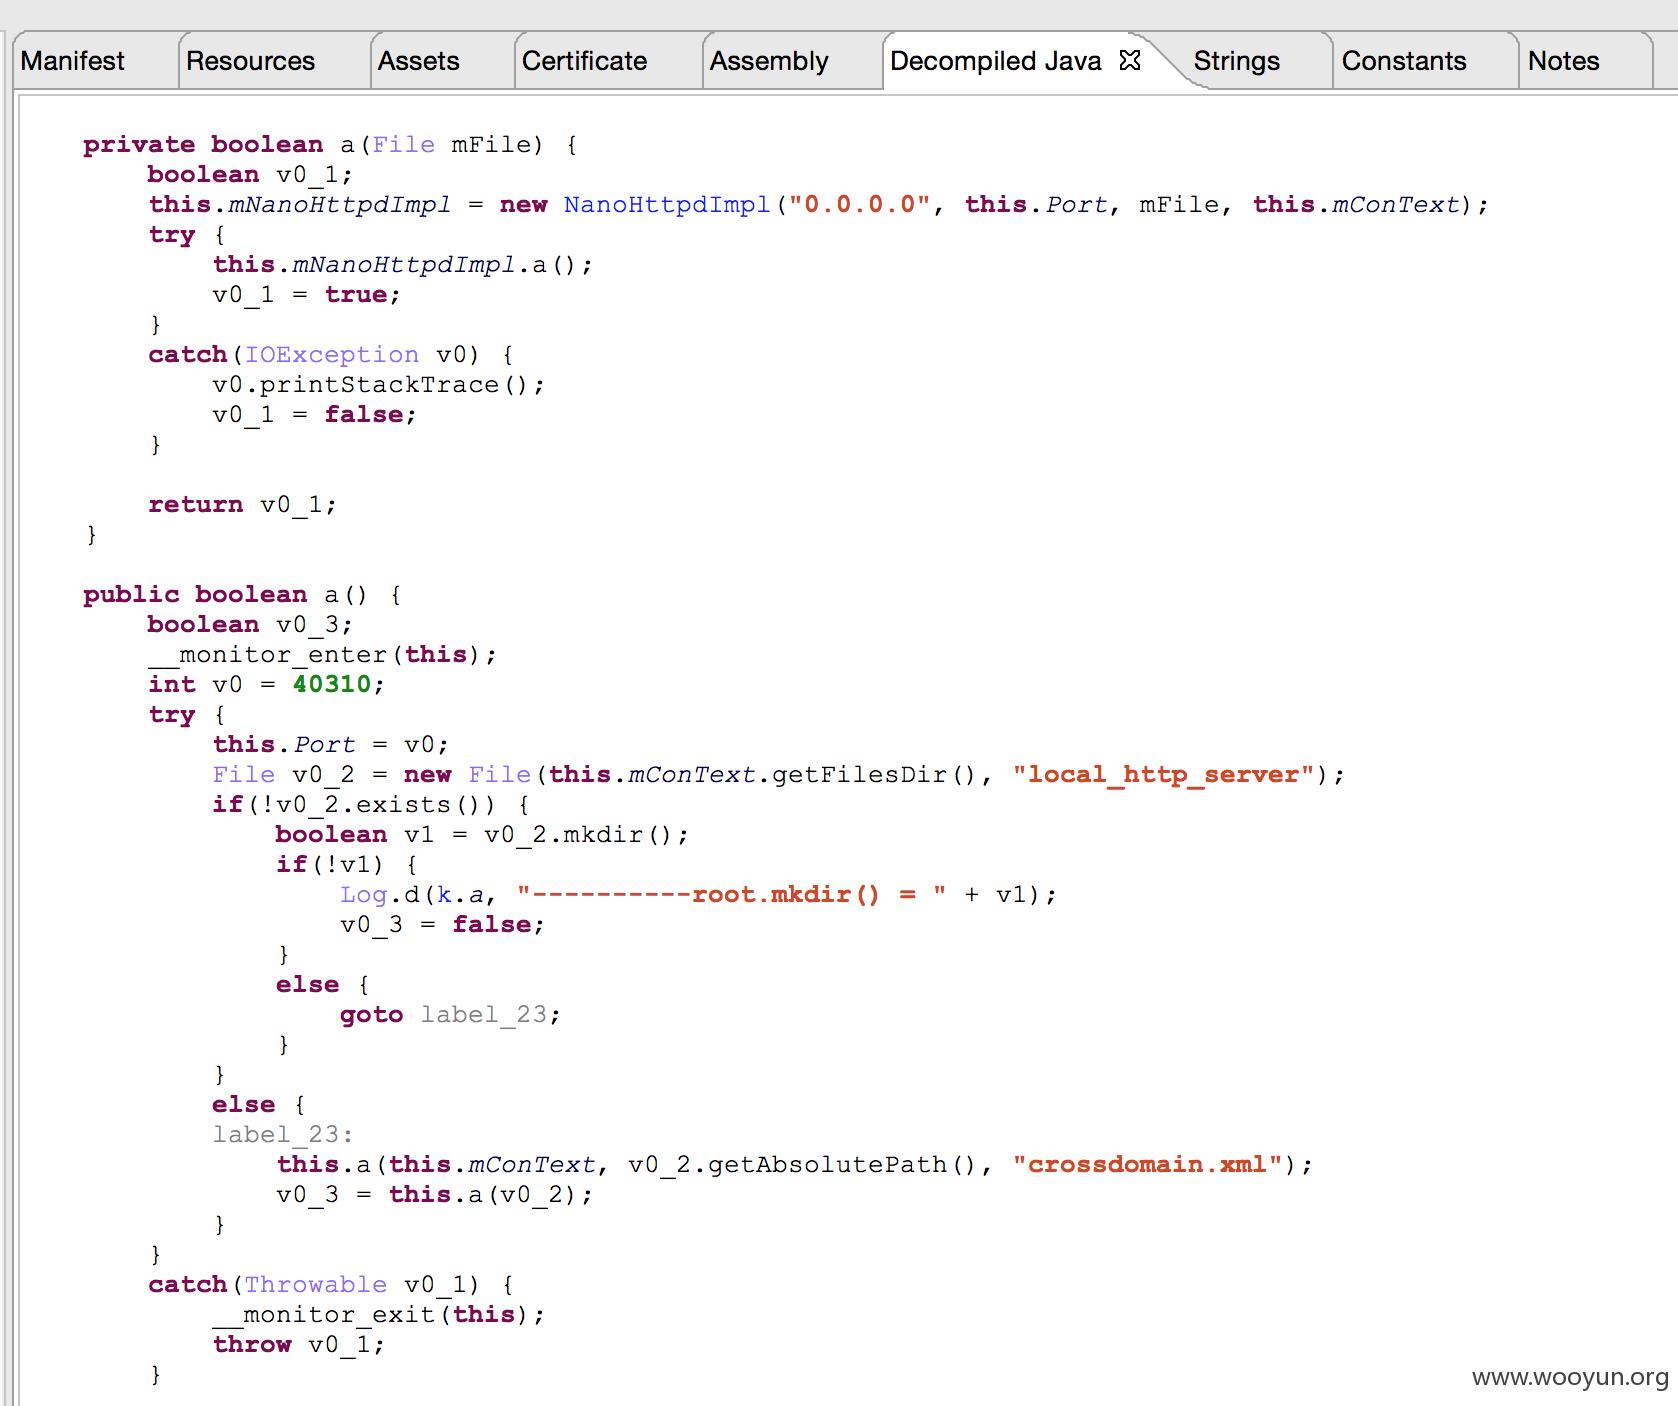 remoteaddr_但是和之前不一样的是多了一些验证,比如 http 头部remote-addr字段的